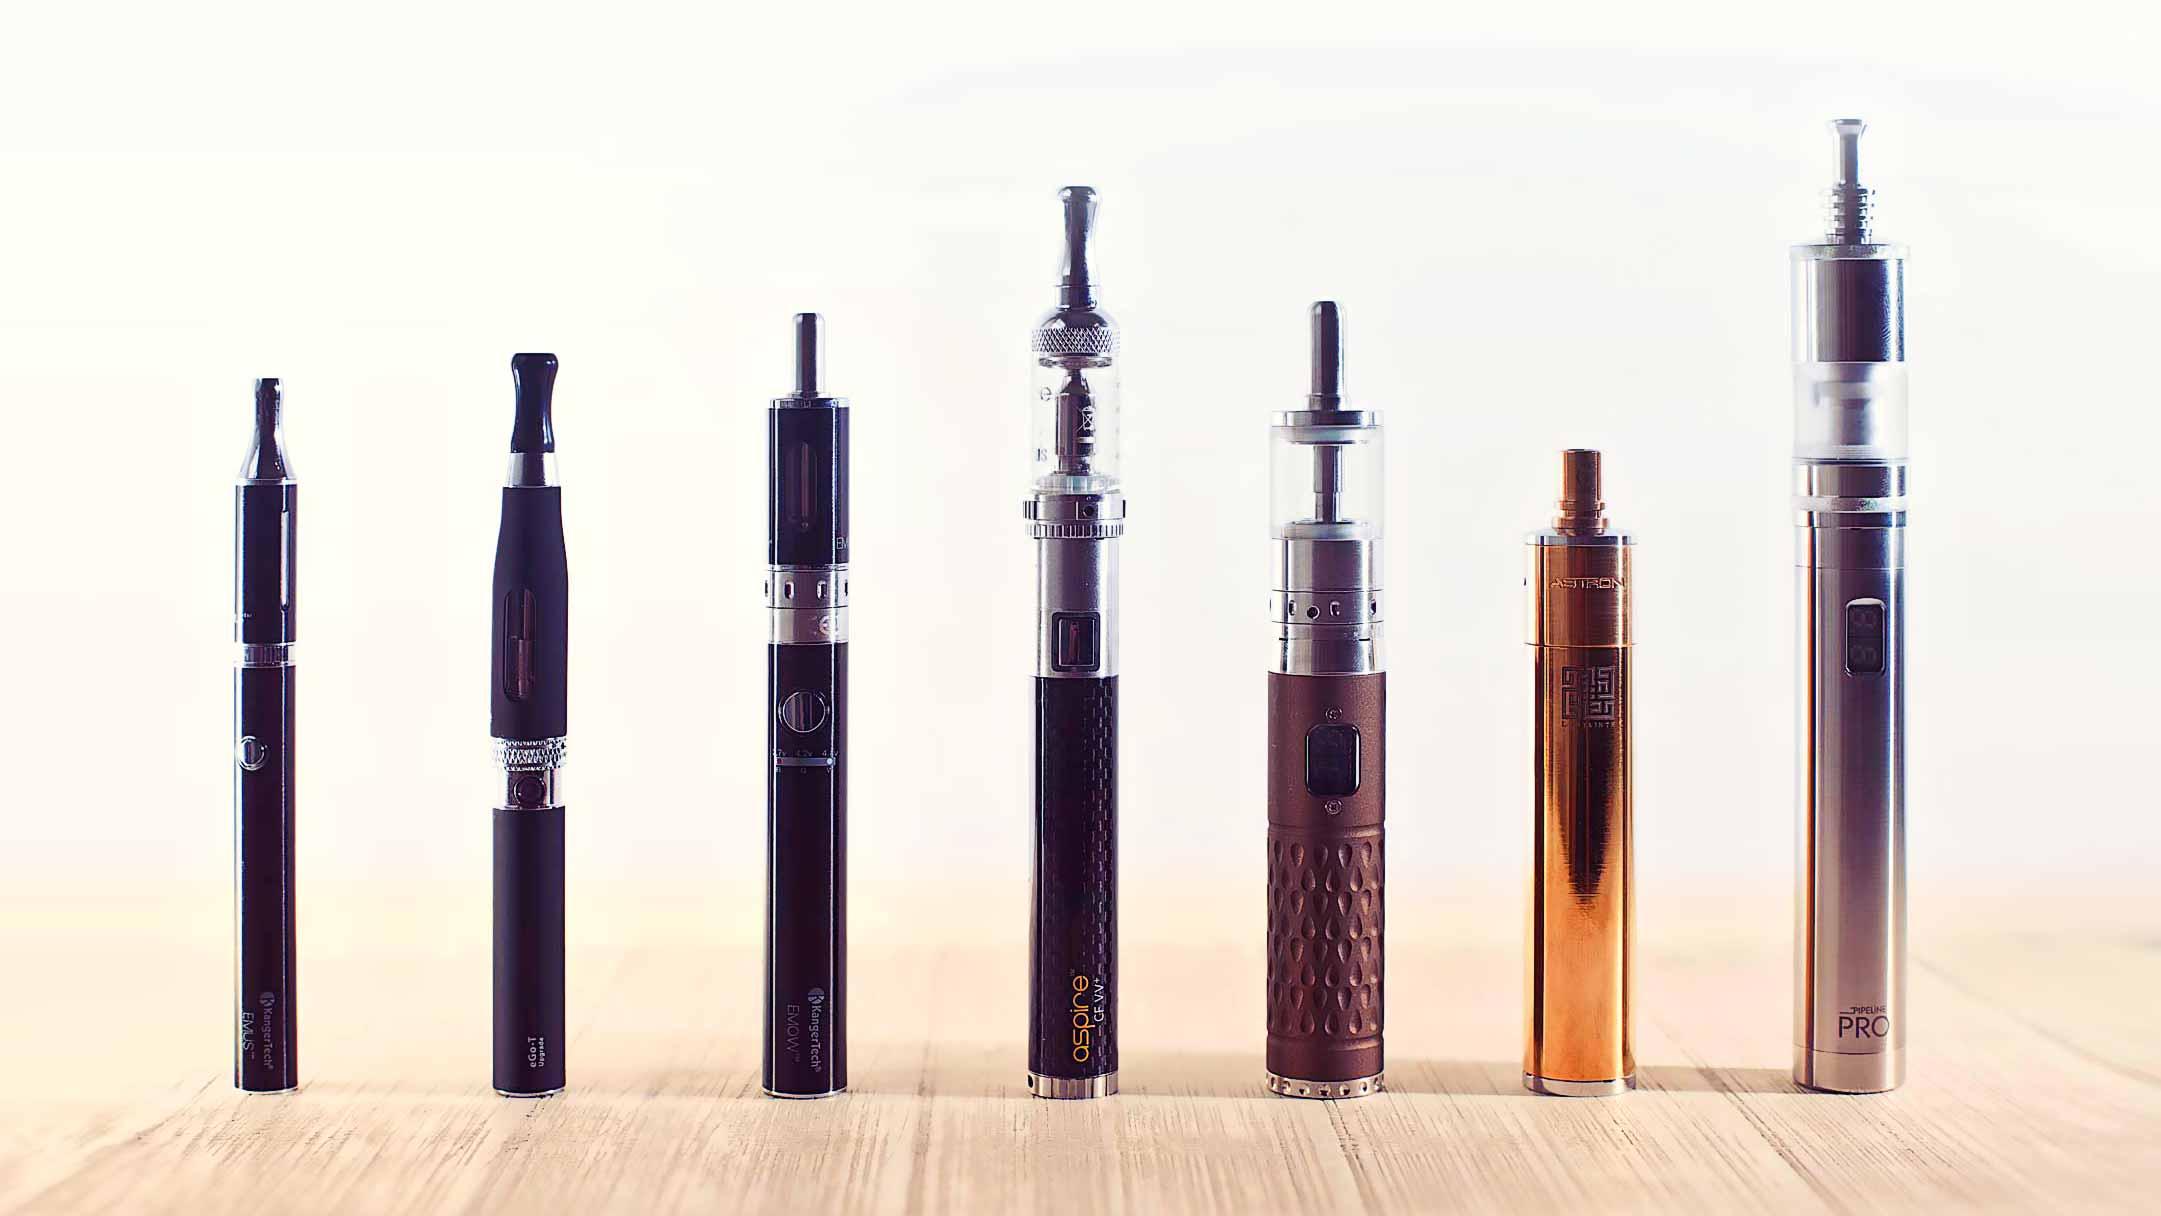 photographe produits packshot cigarette electronique electronic cigaret vapoter go t aspire facil e-cig gentle studio gamme catalogue hd